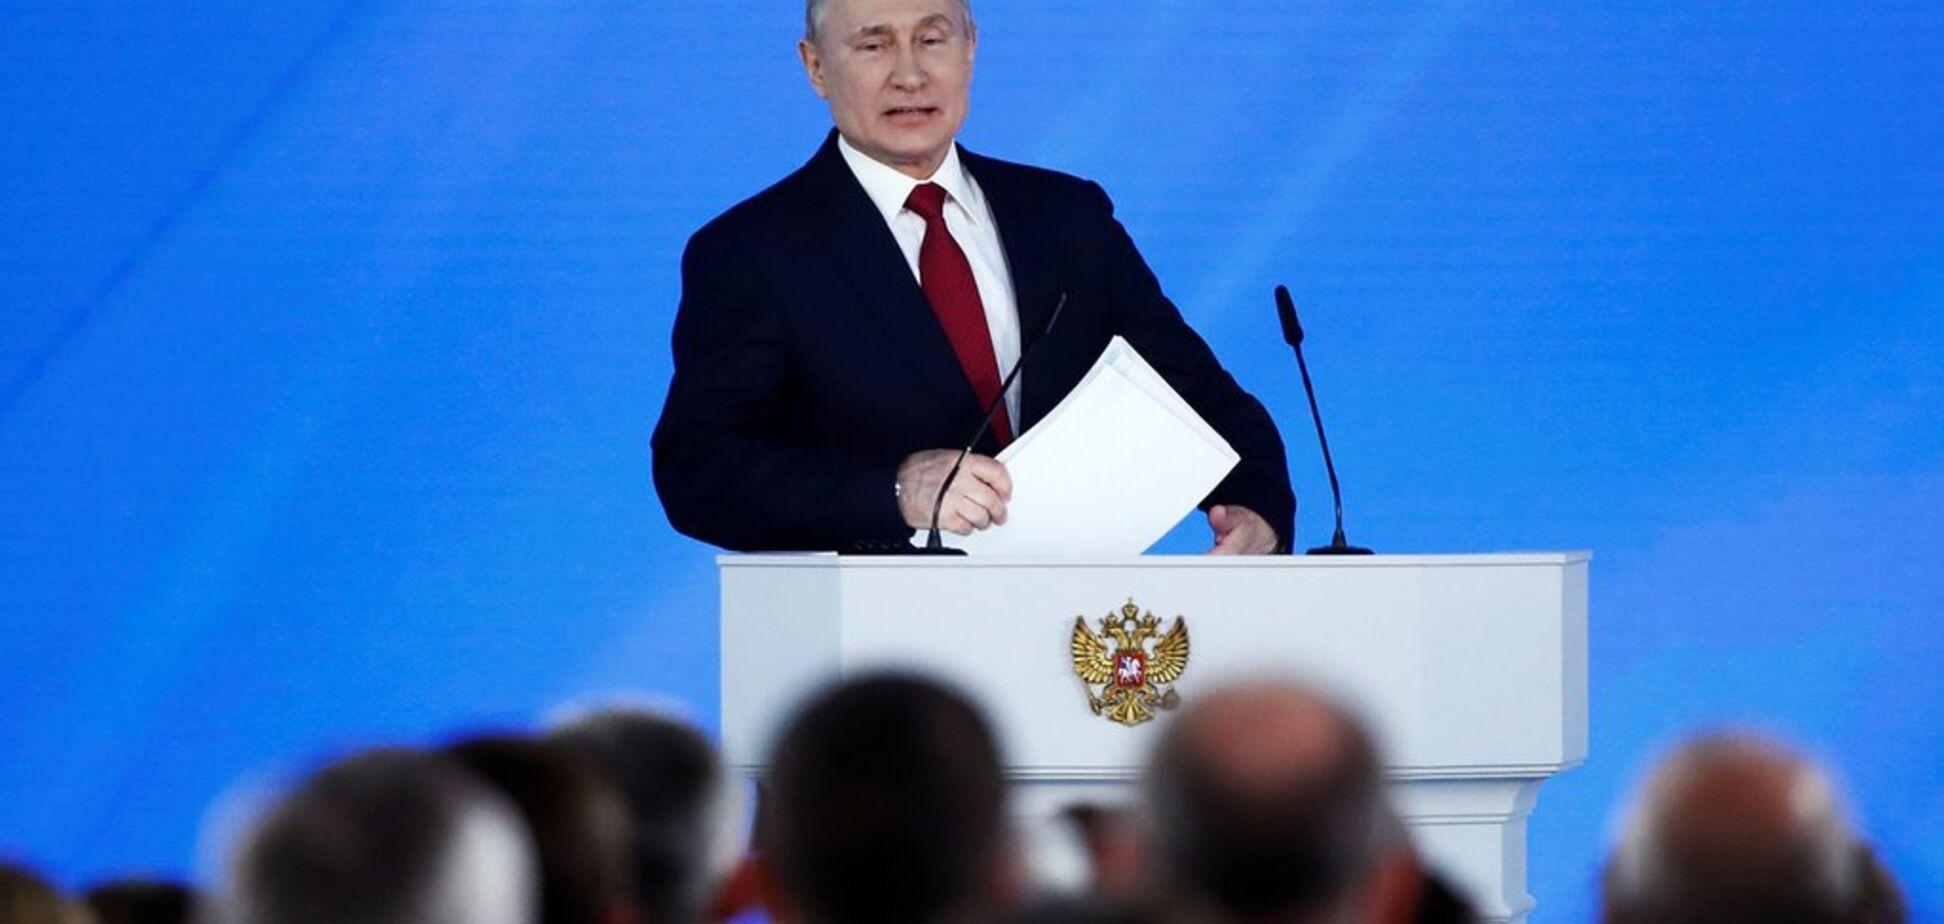 Послание Путина: усиление узурпации власти и подготовка к войне